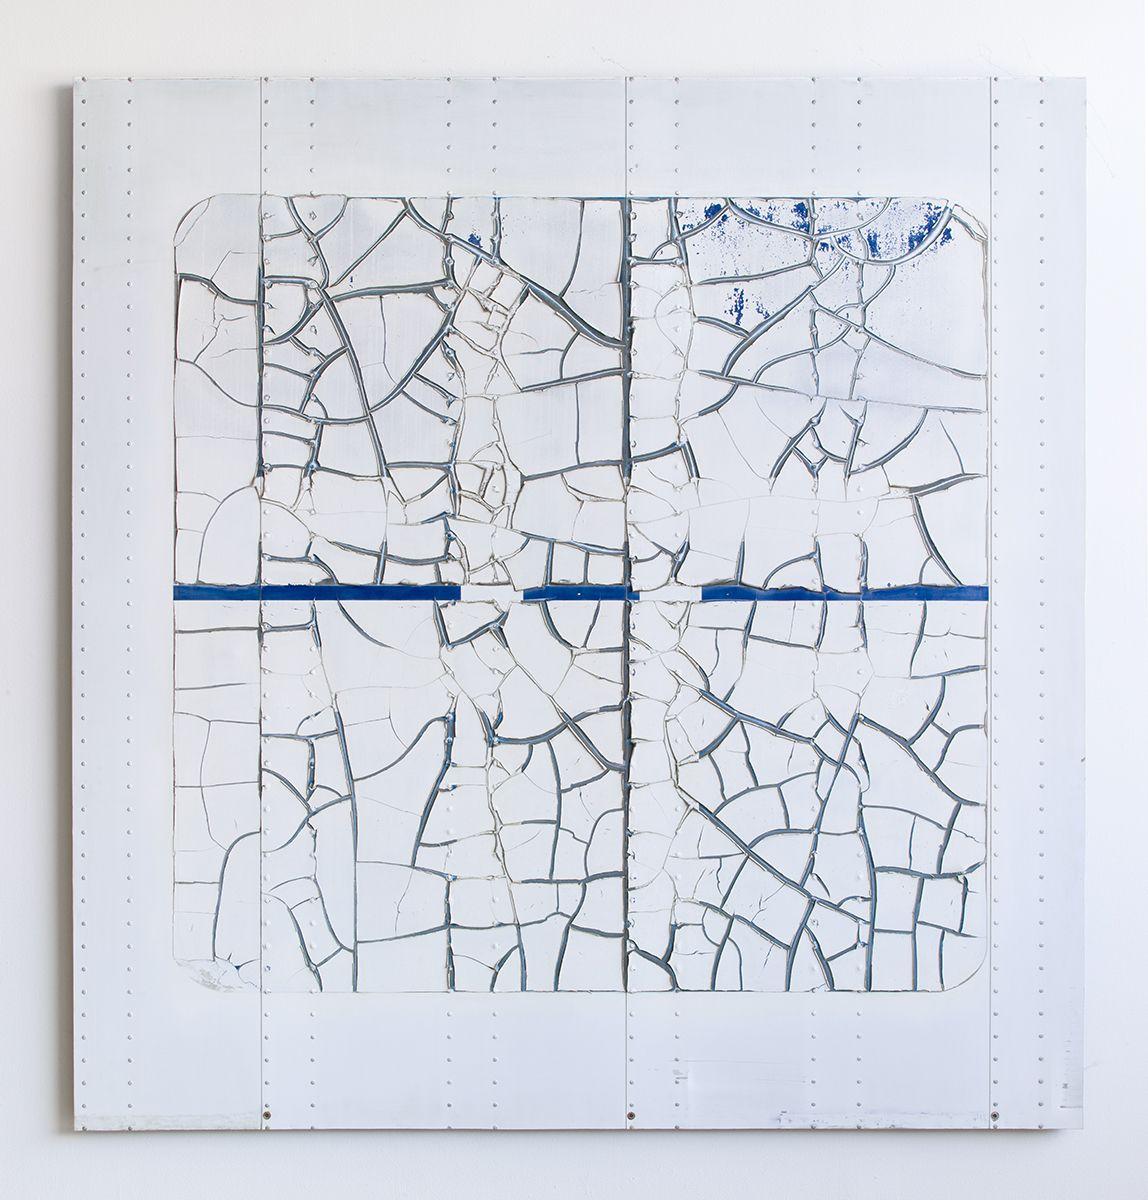 Gedi Sibony Untitled, 2013 Trailer 99 x 88 inches (251.5 x 223.5 cm)